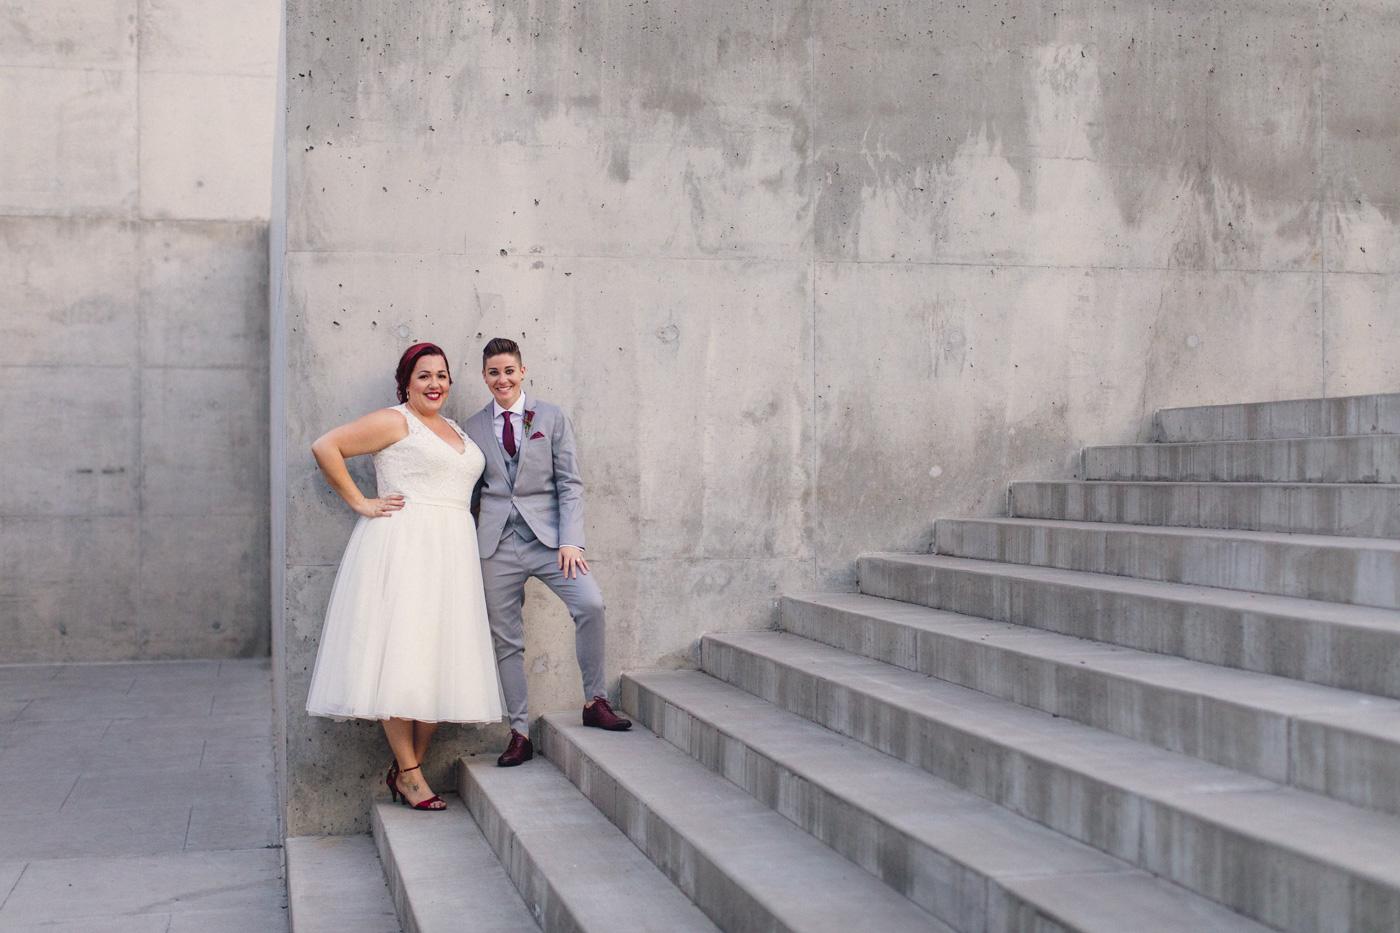 concrete-steps-wedding-portrait